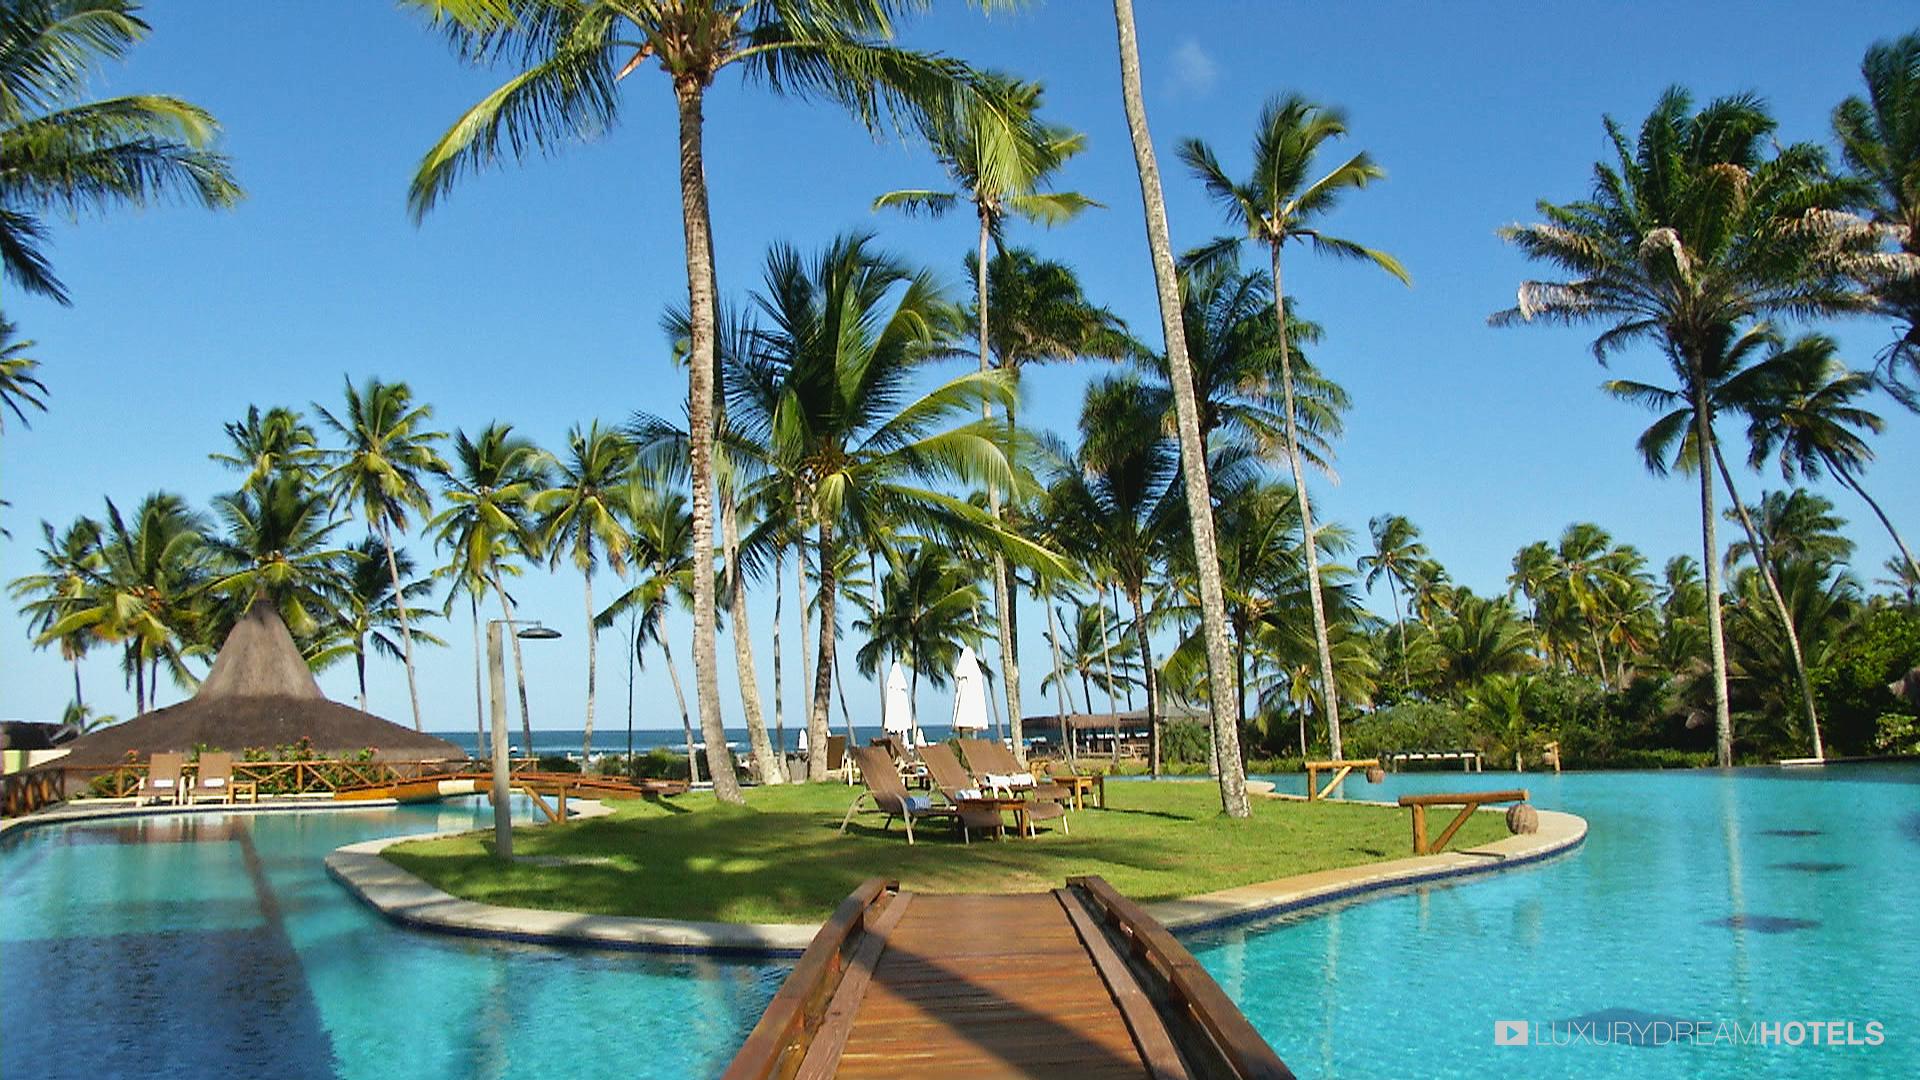 luxury hotel, kiaroa eco luxury resort, península de maraú - bahia